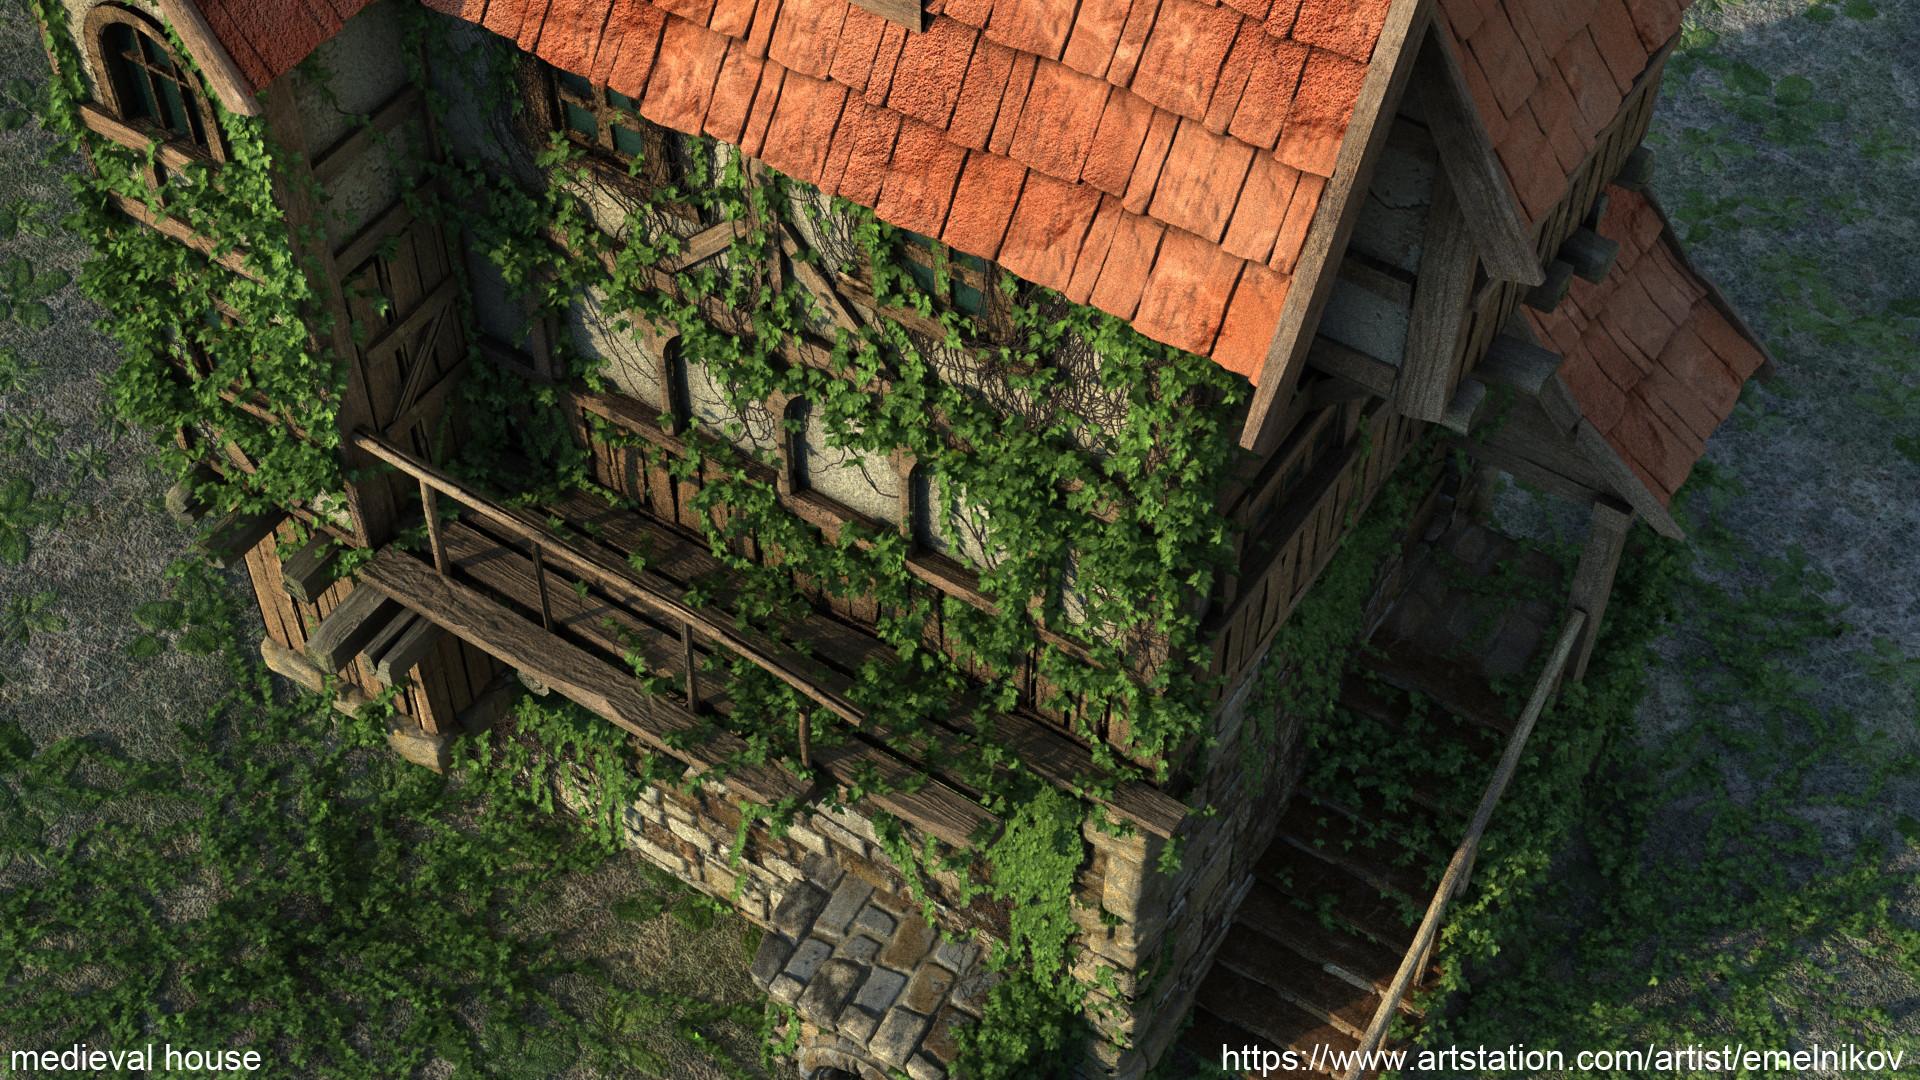 Eugene melnikov medieval house1 render frm2